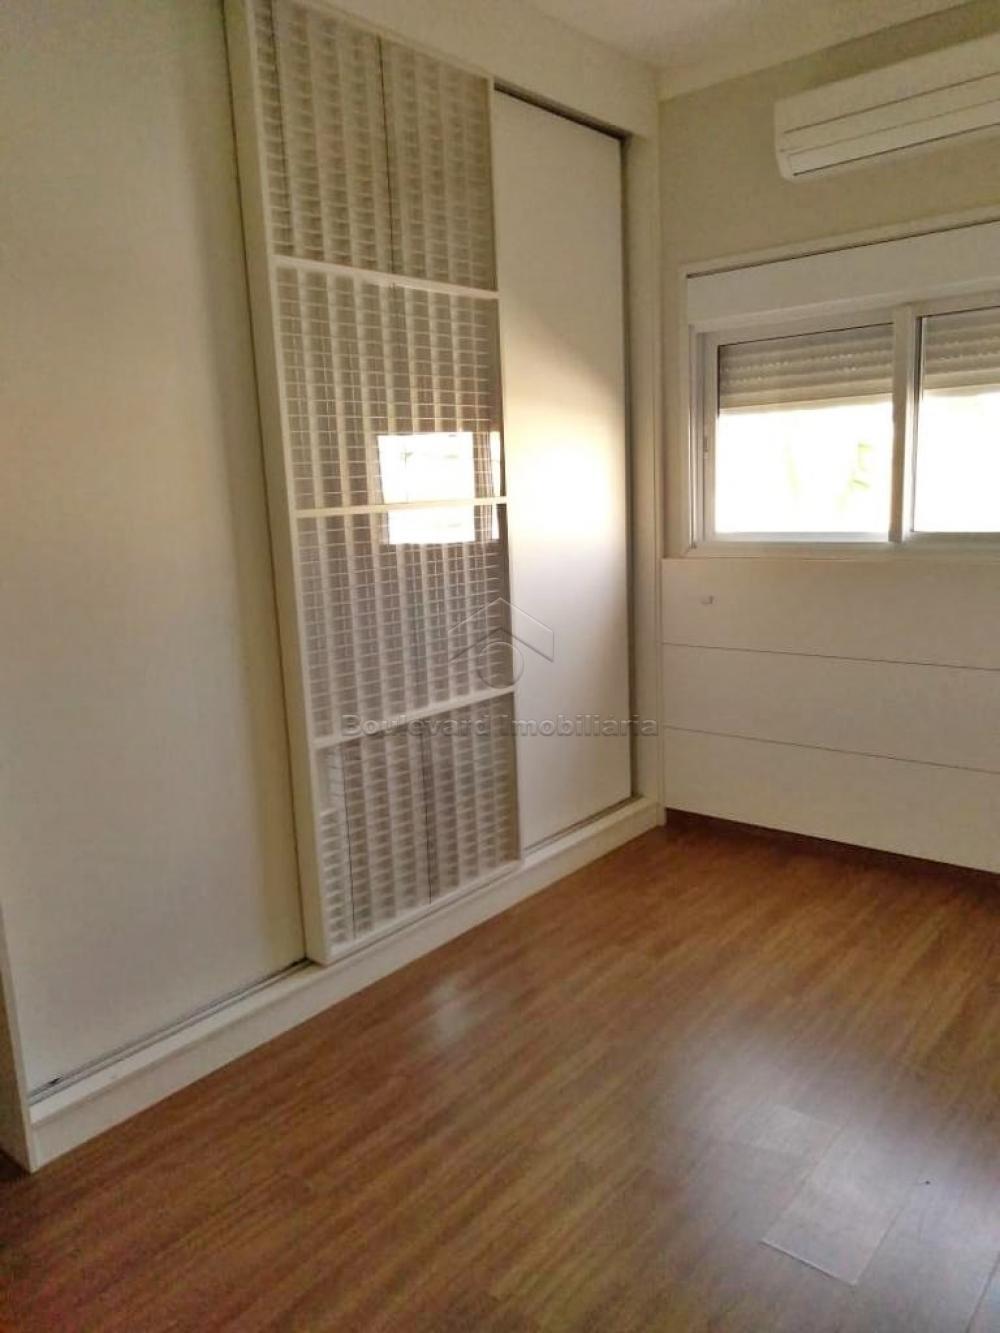 Alugar Casa / Condomínio em Ribeirão Preto R$ 8.500,00 - Foto 8